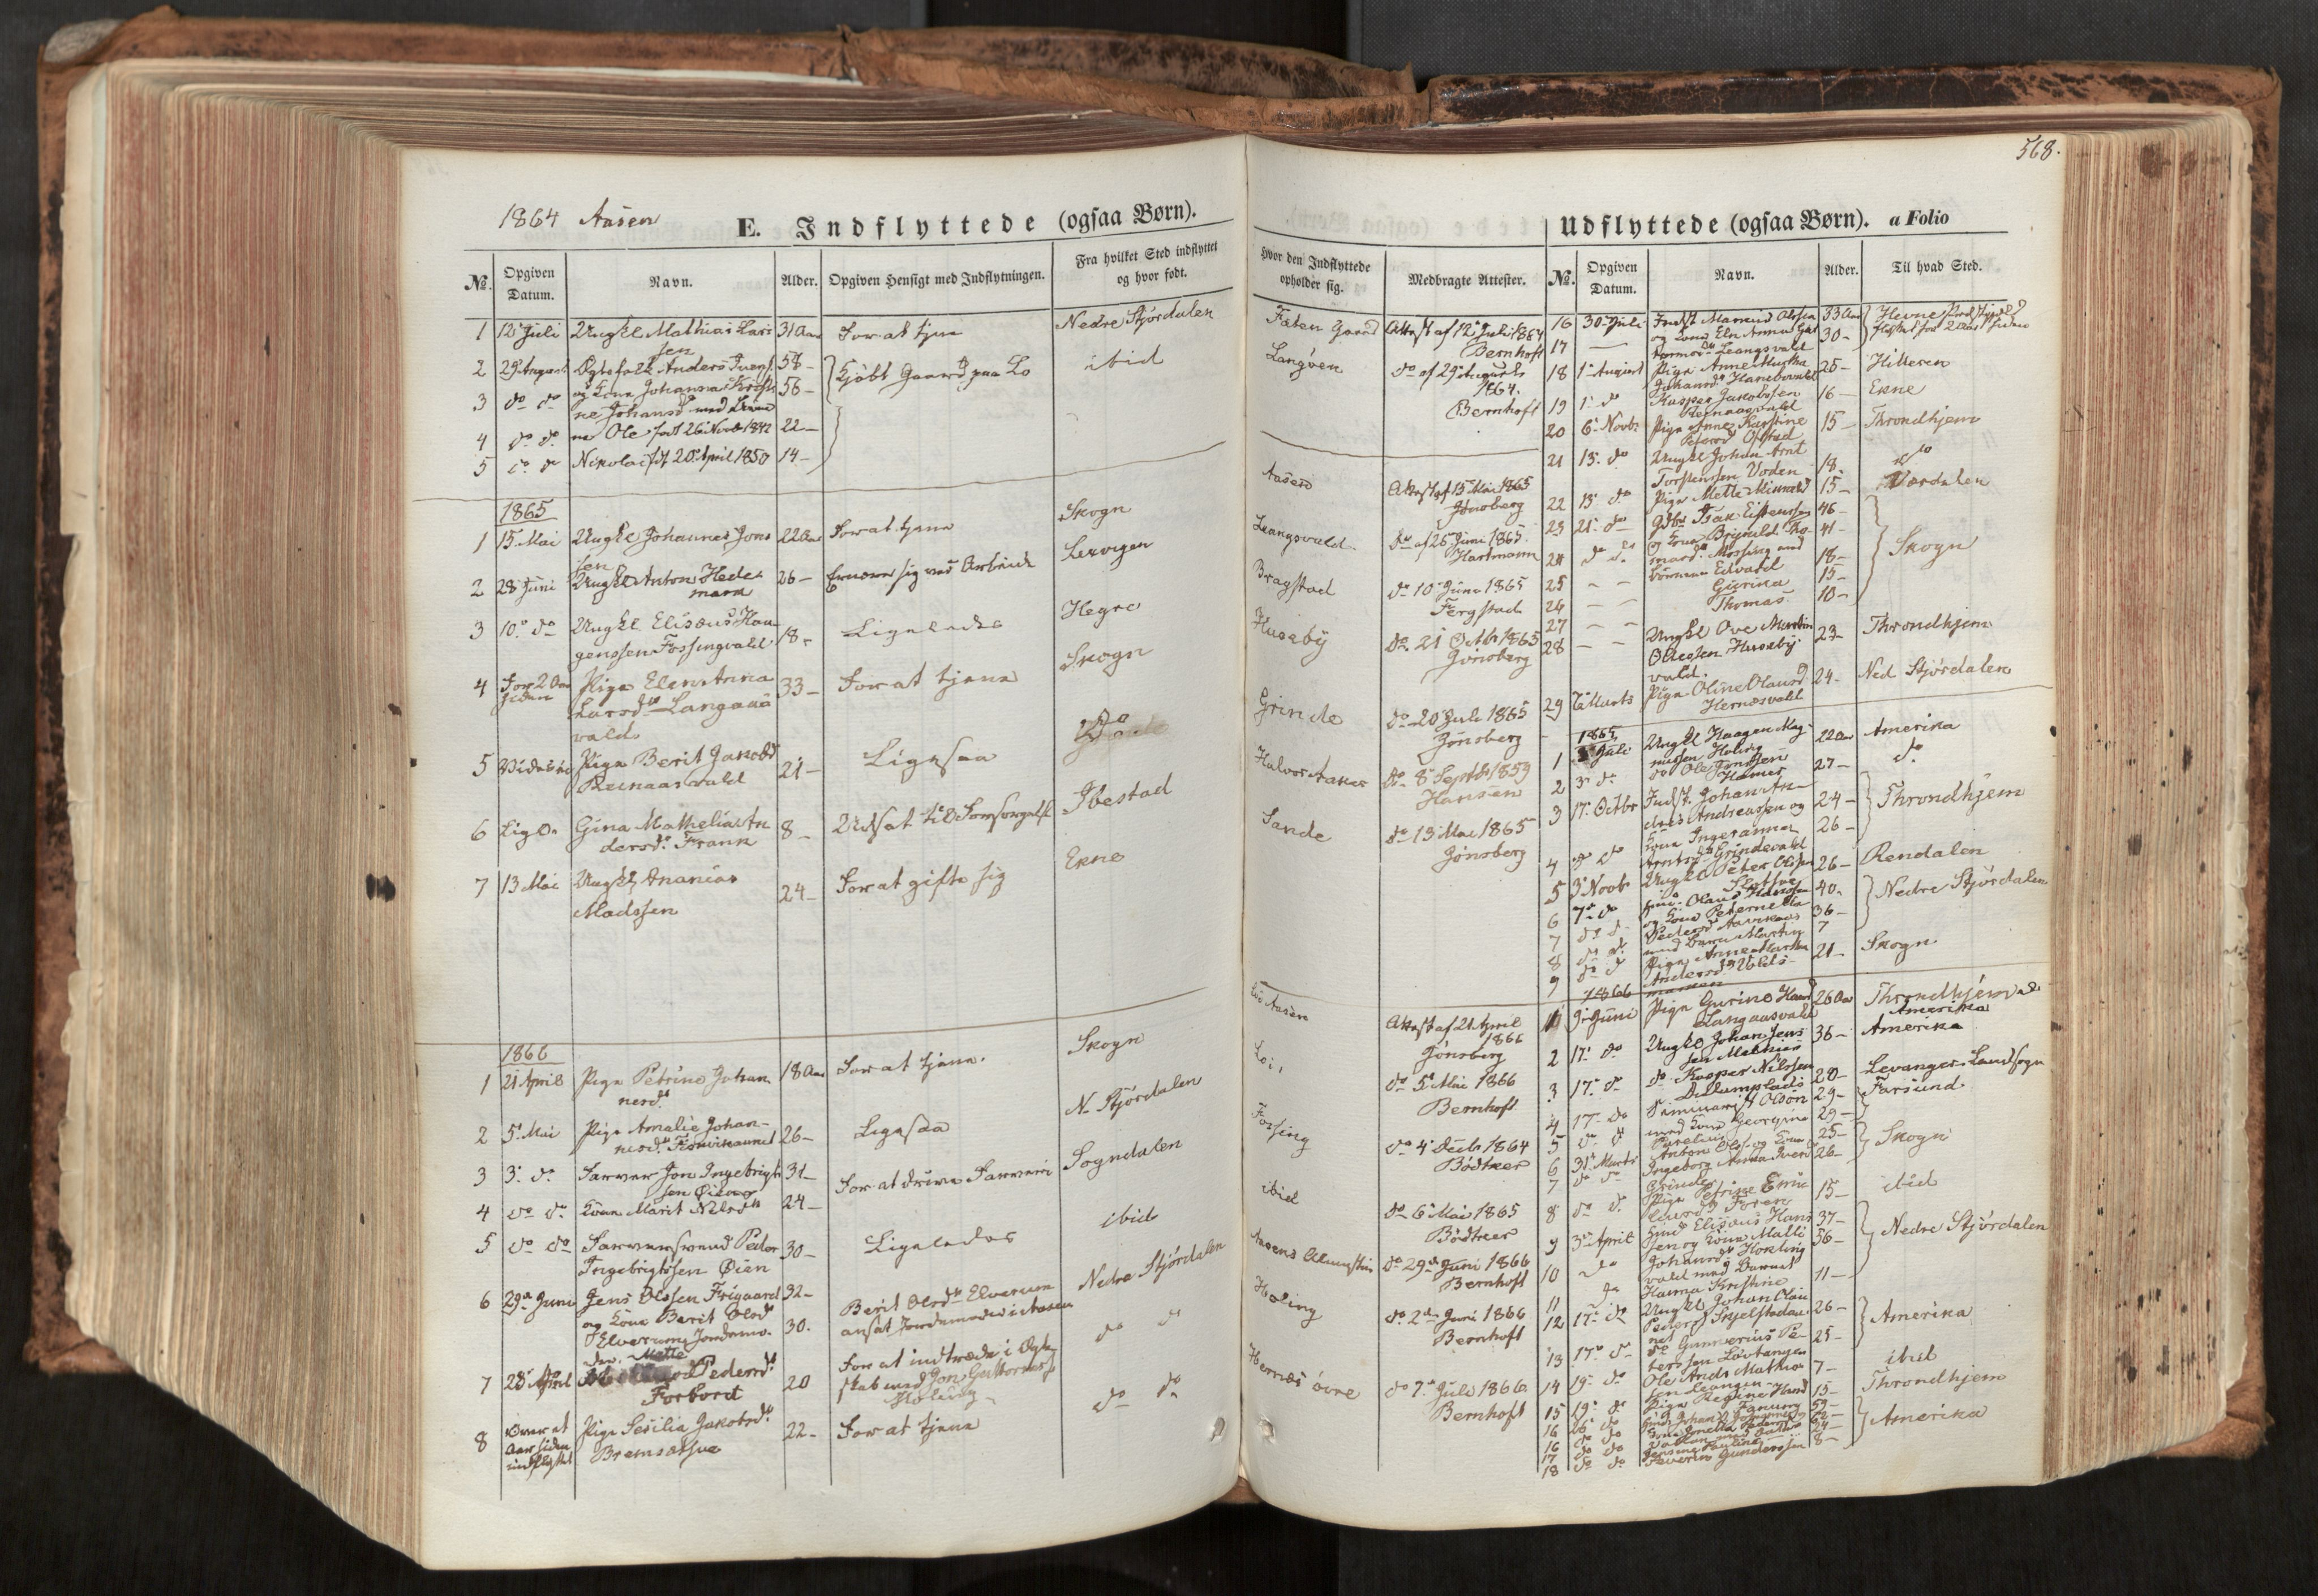 SAT, Ministerialprotokoller, klokkerbøker og fødselsregistre - Nord-Trøndelag, 713/L0116: Ministerialbok nr. 713A07, 1850-1877, s. 568